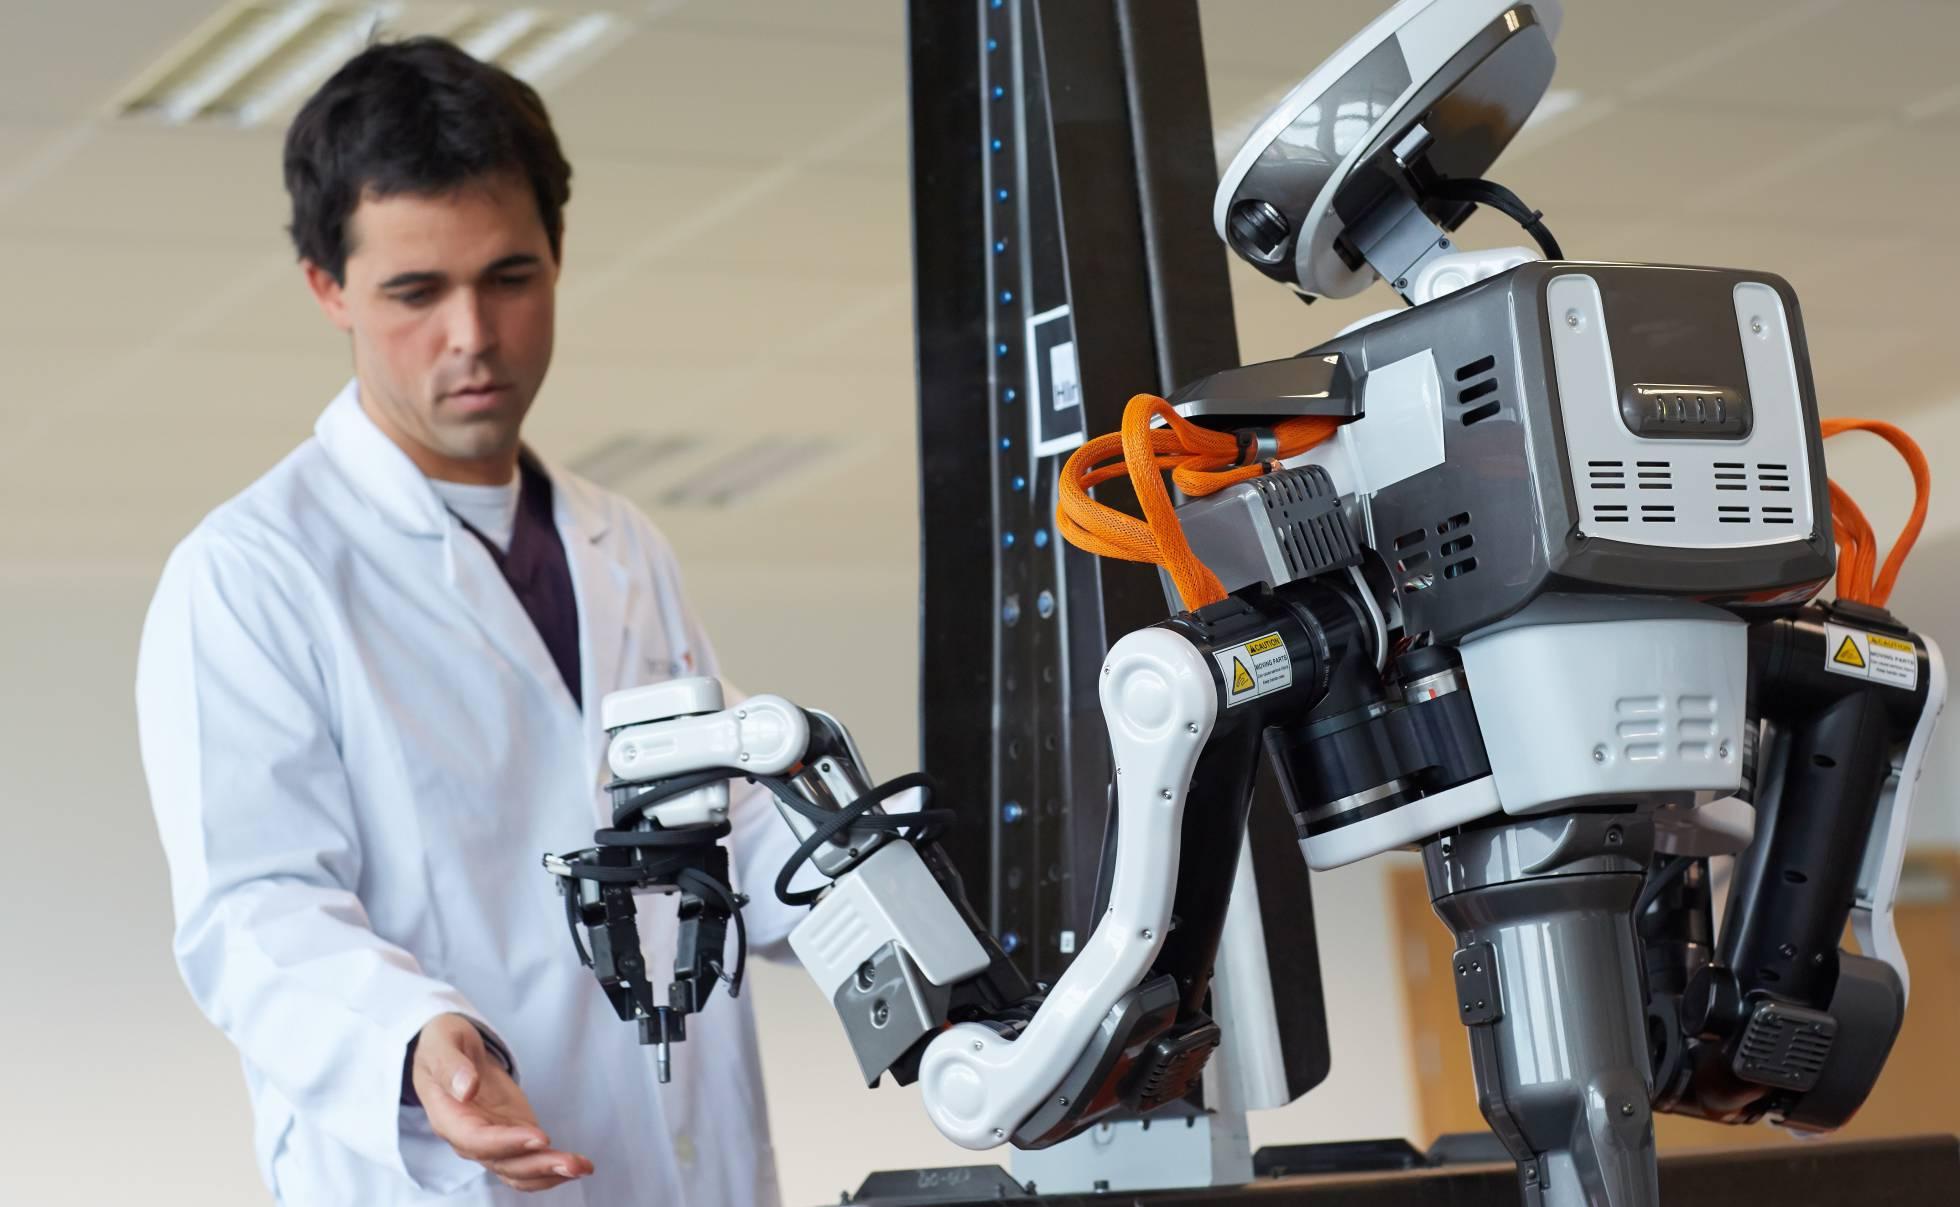 Empleos requieren más habilidades tecnológicas de trabajadores